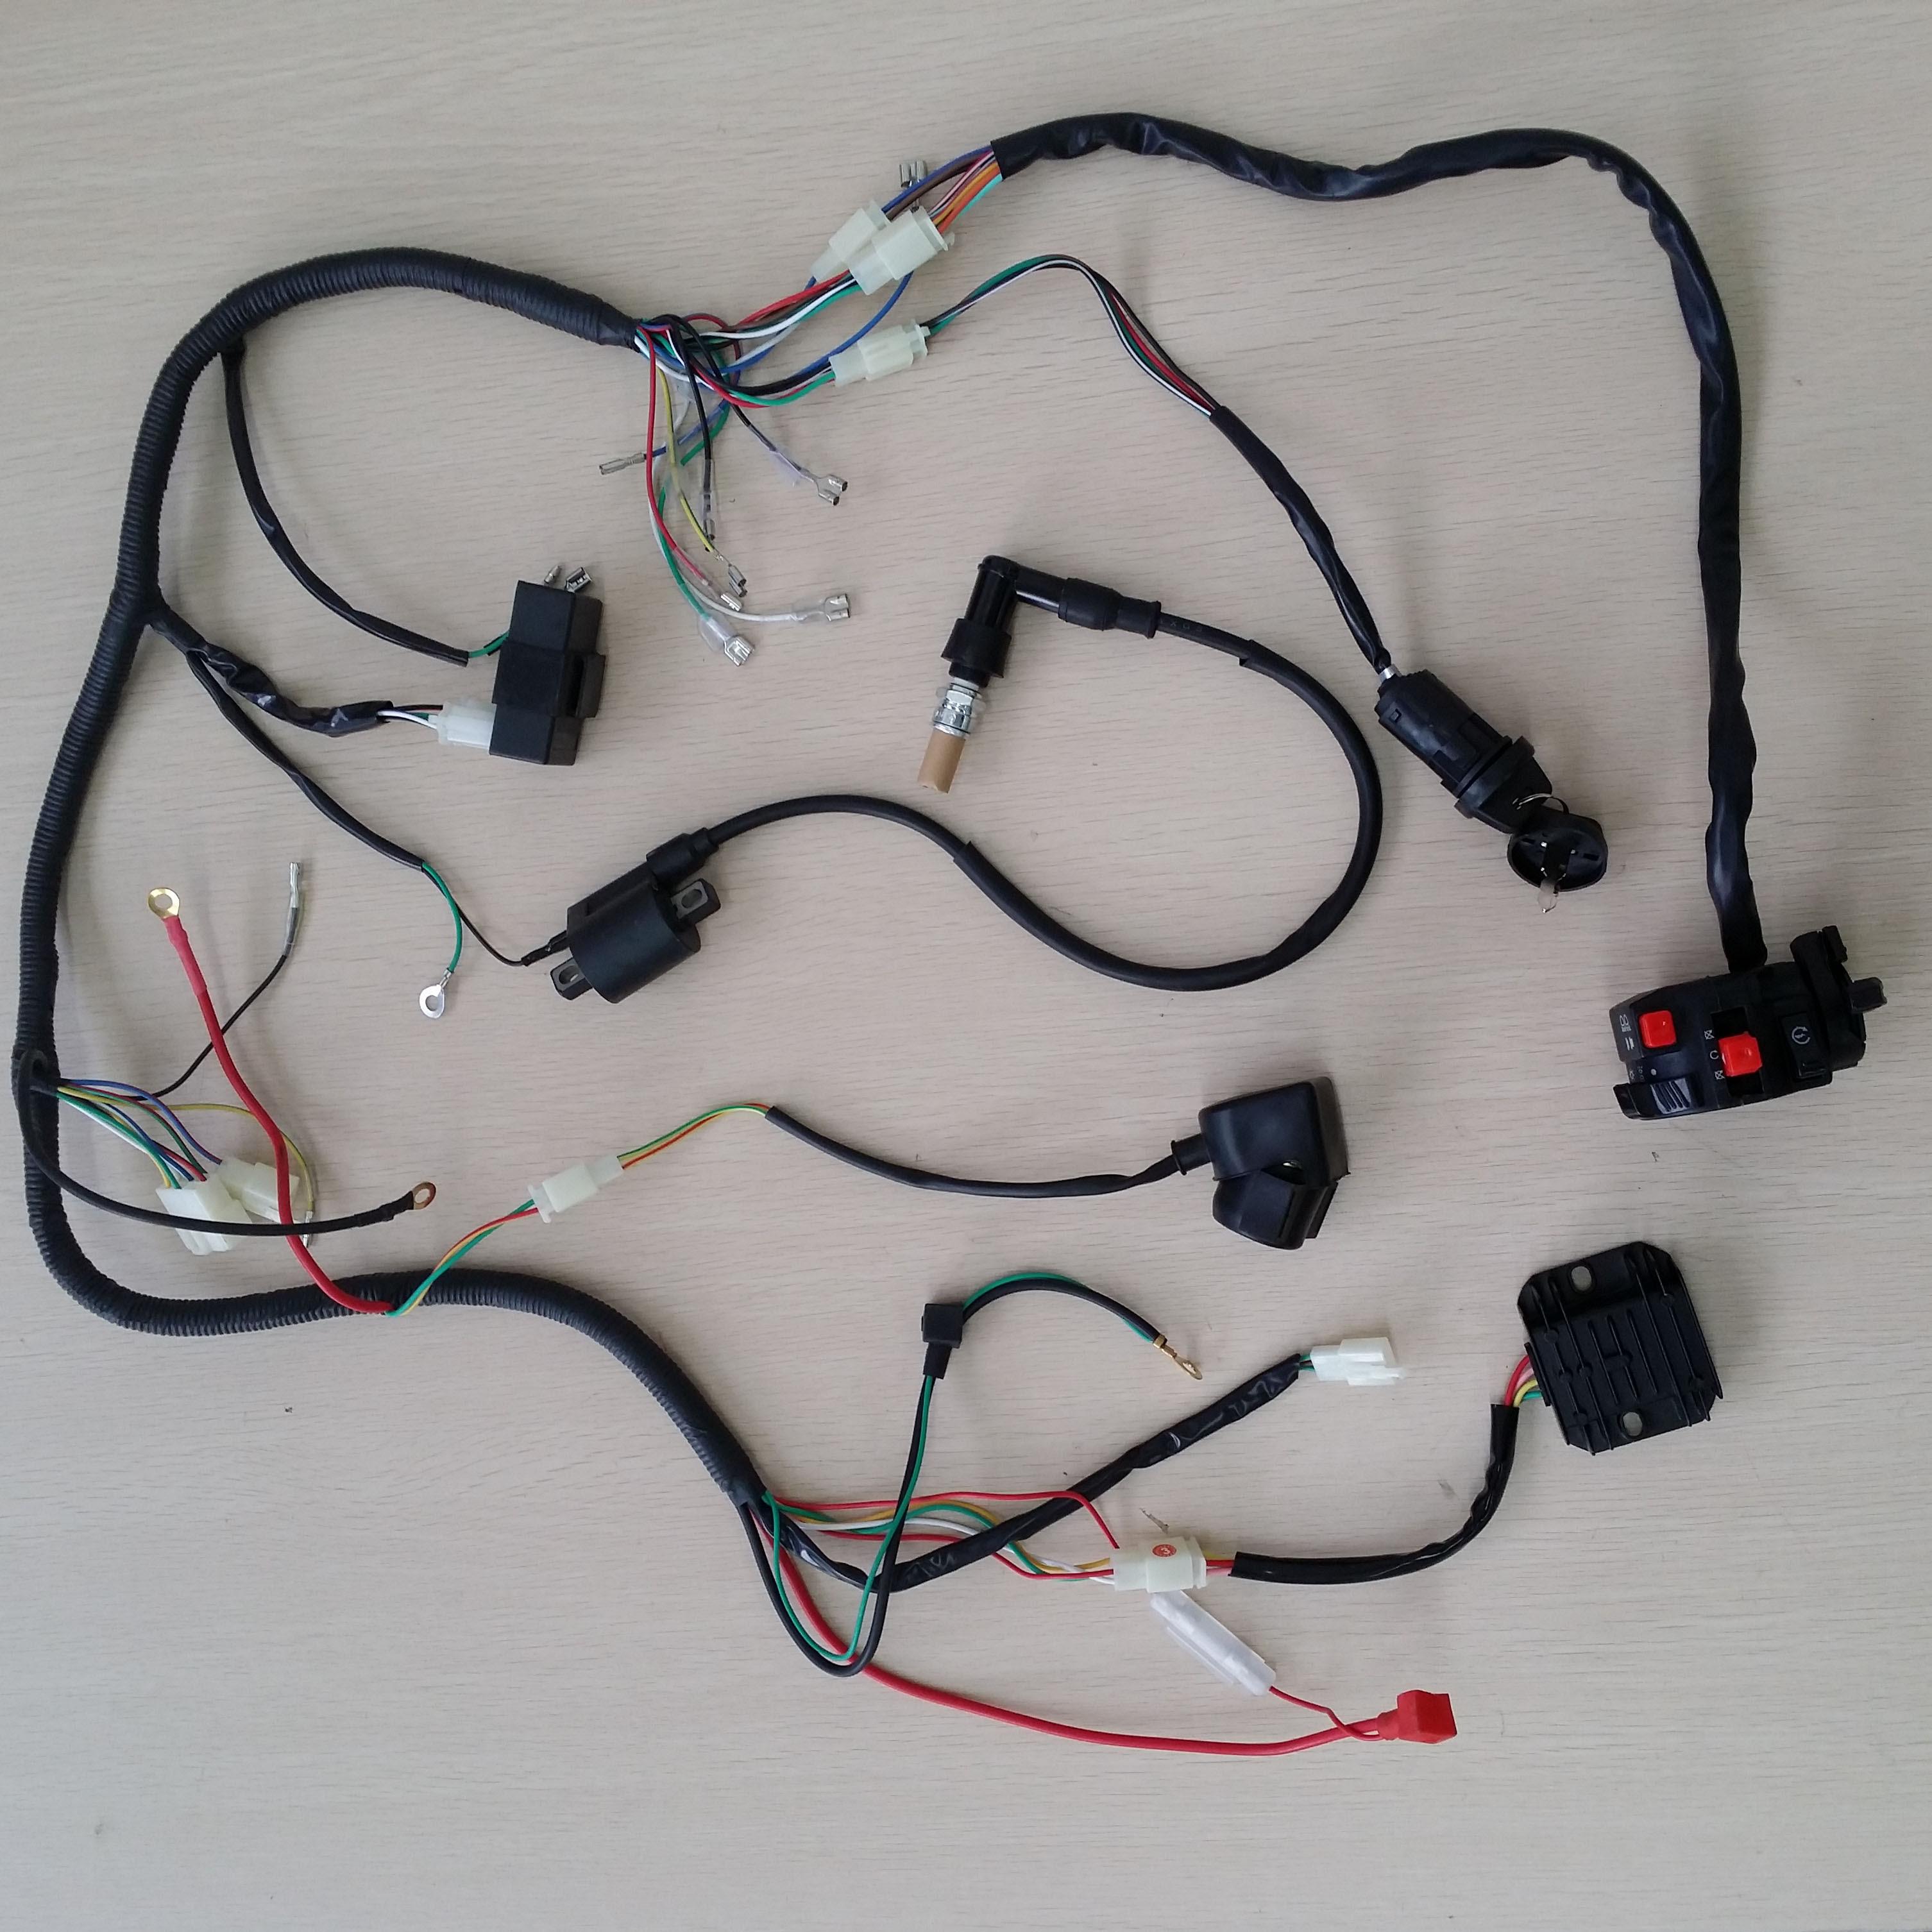 Atomic Dirt Bike 250 Wiring Diagram